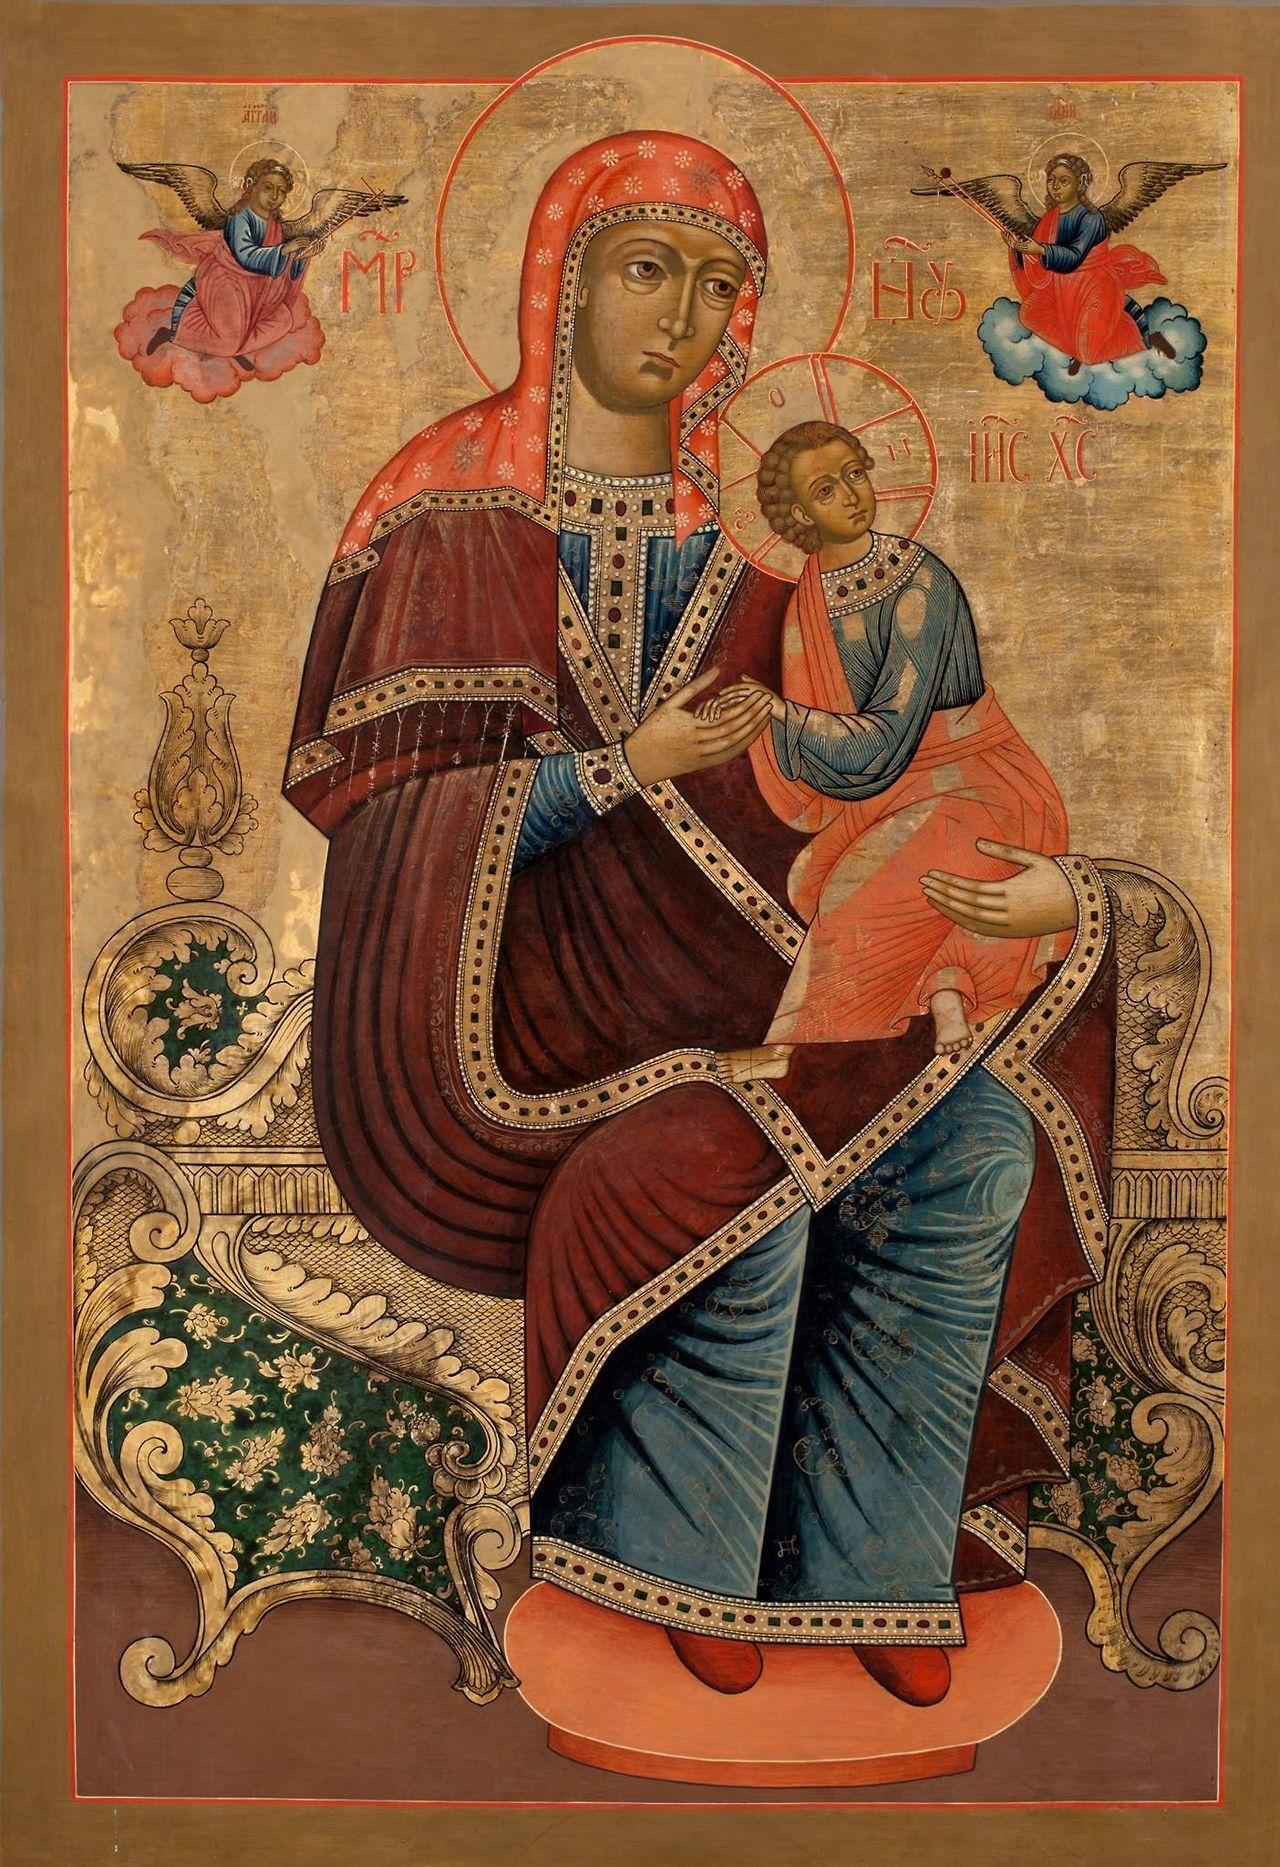 Strastnaya, Nostra Signora del Perpetuo aiuto seduta in trono.